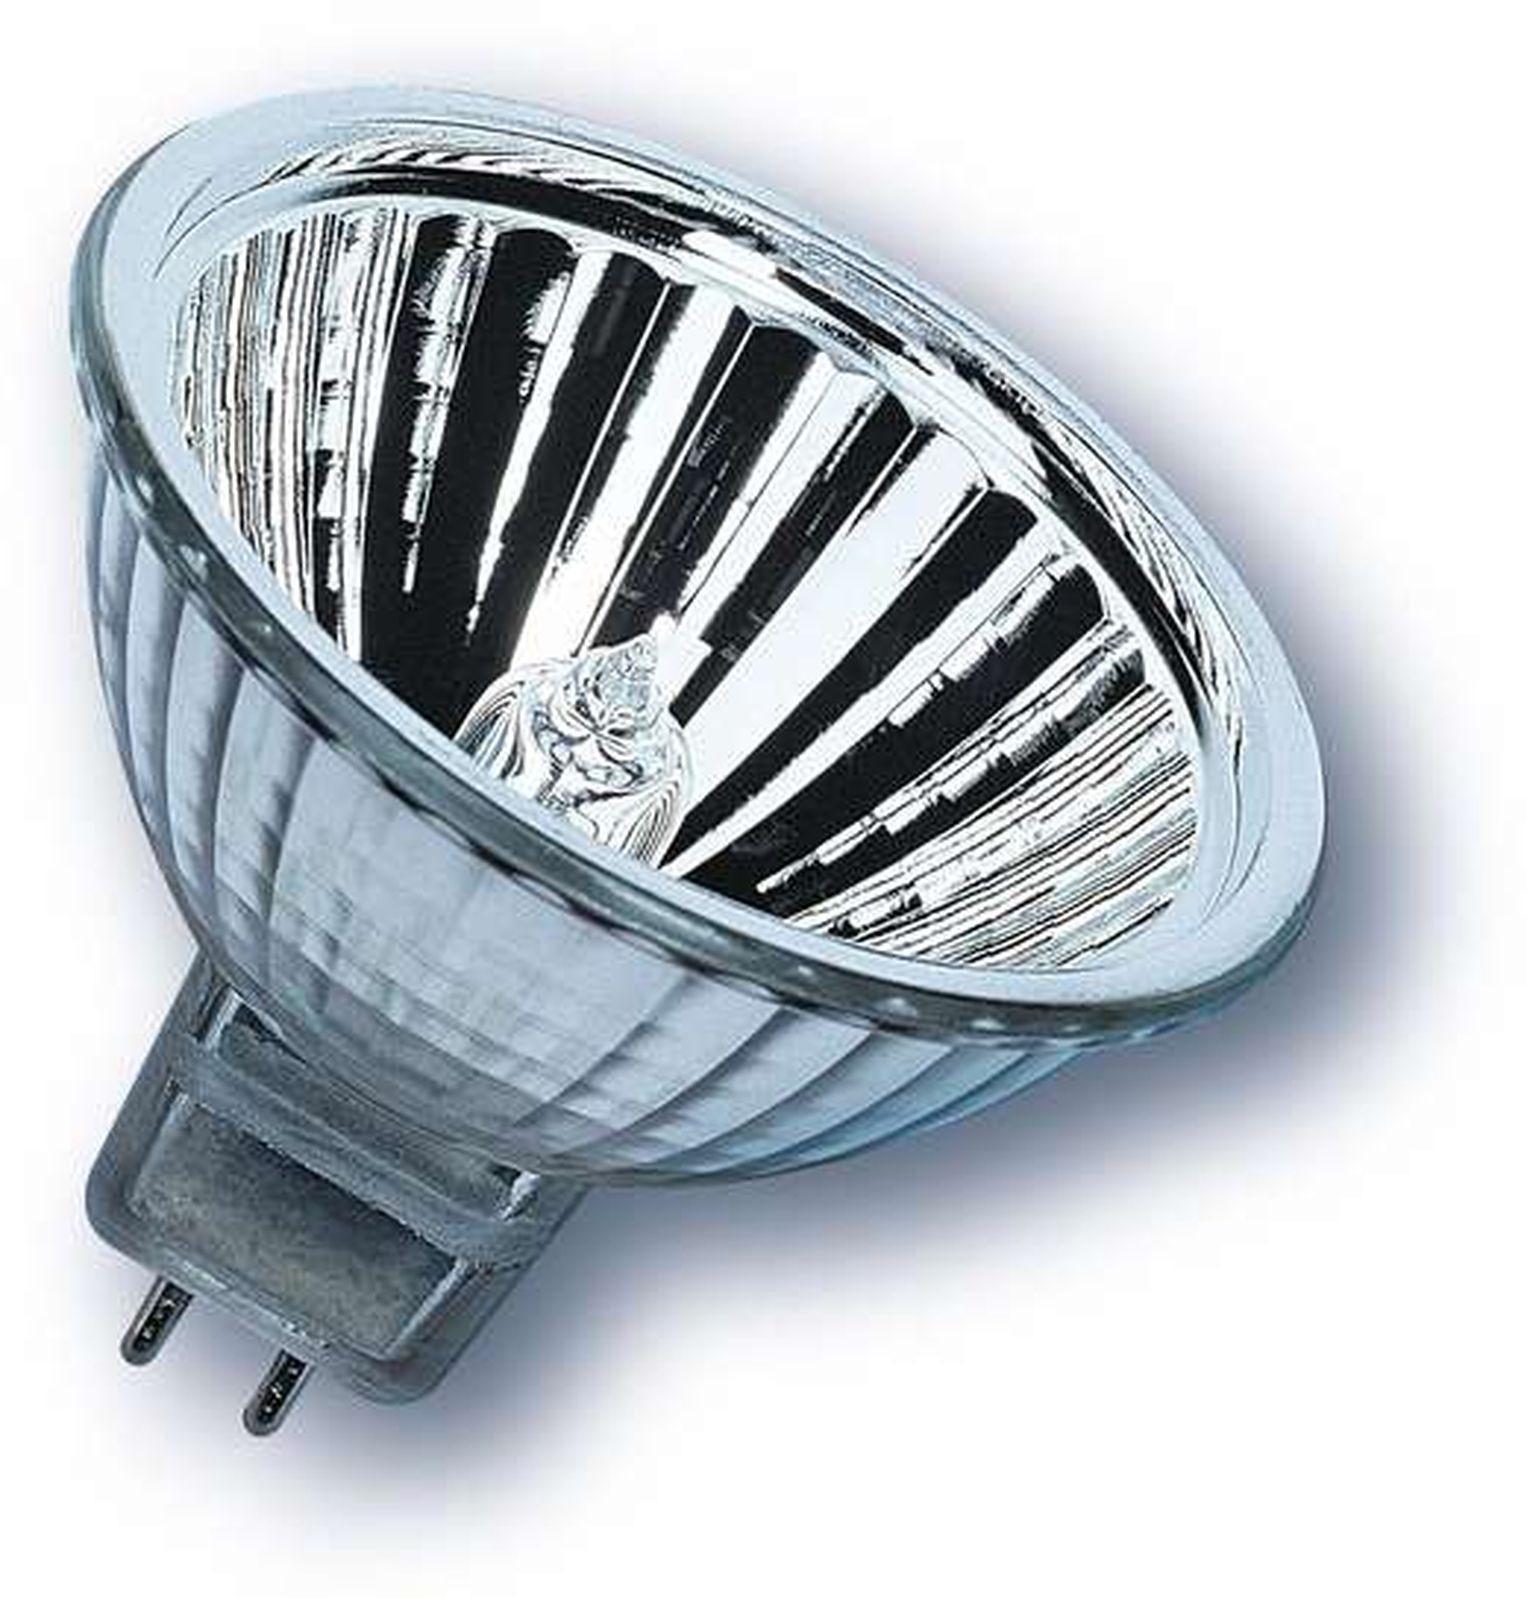 Лампочка Ledvance Osram галогенная Decostar, Теплый свет 35 Вт, Галогенная лампа галогенная osram halospot 41832 fl 35w g53 12v